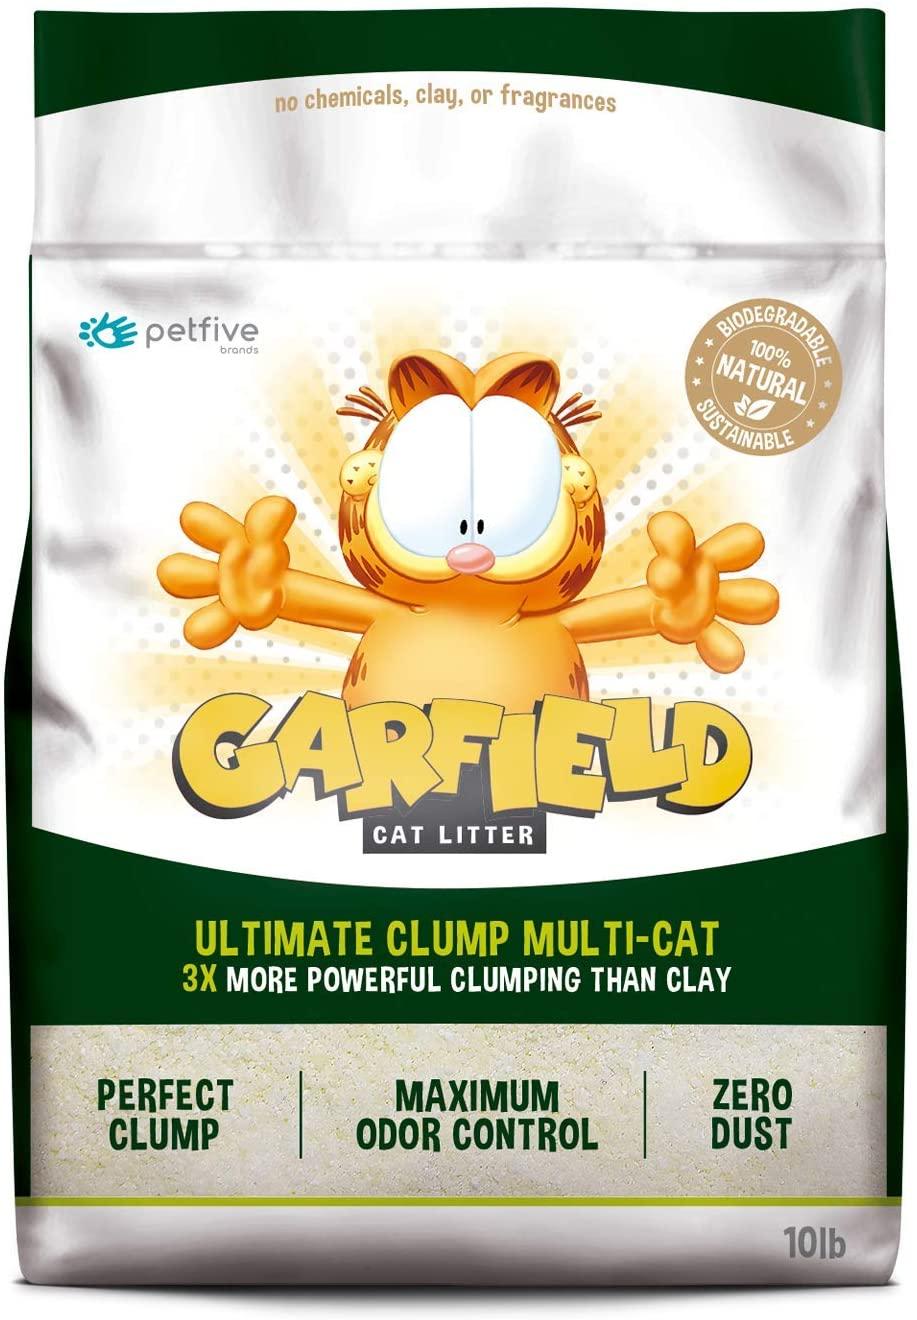 Garfield Cat Litter Ultimate Clump